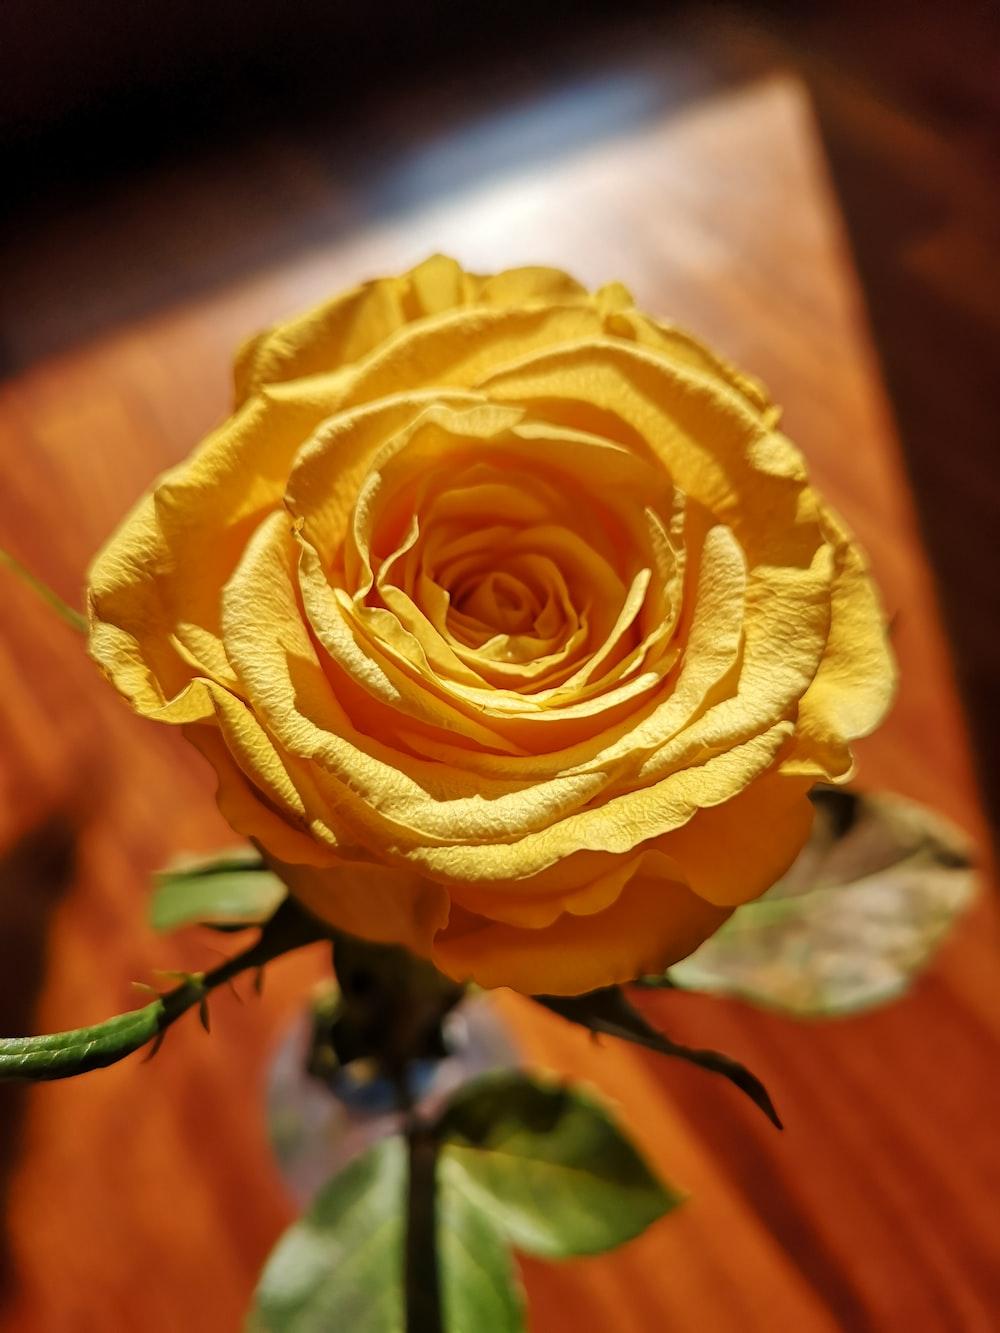 mawar kuning cantik